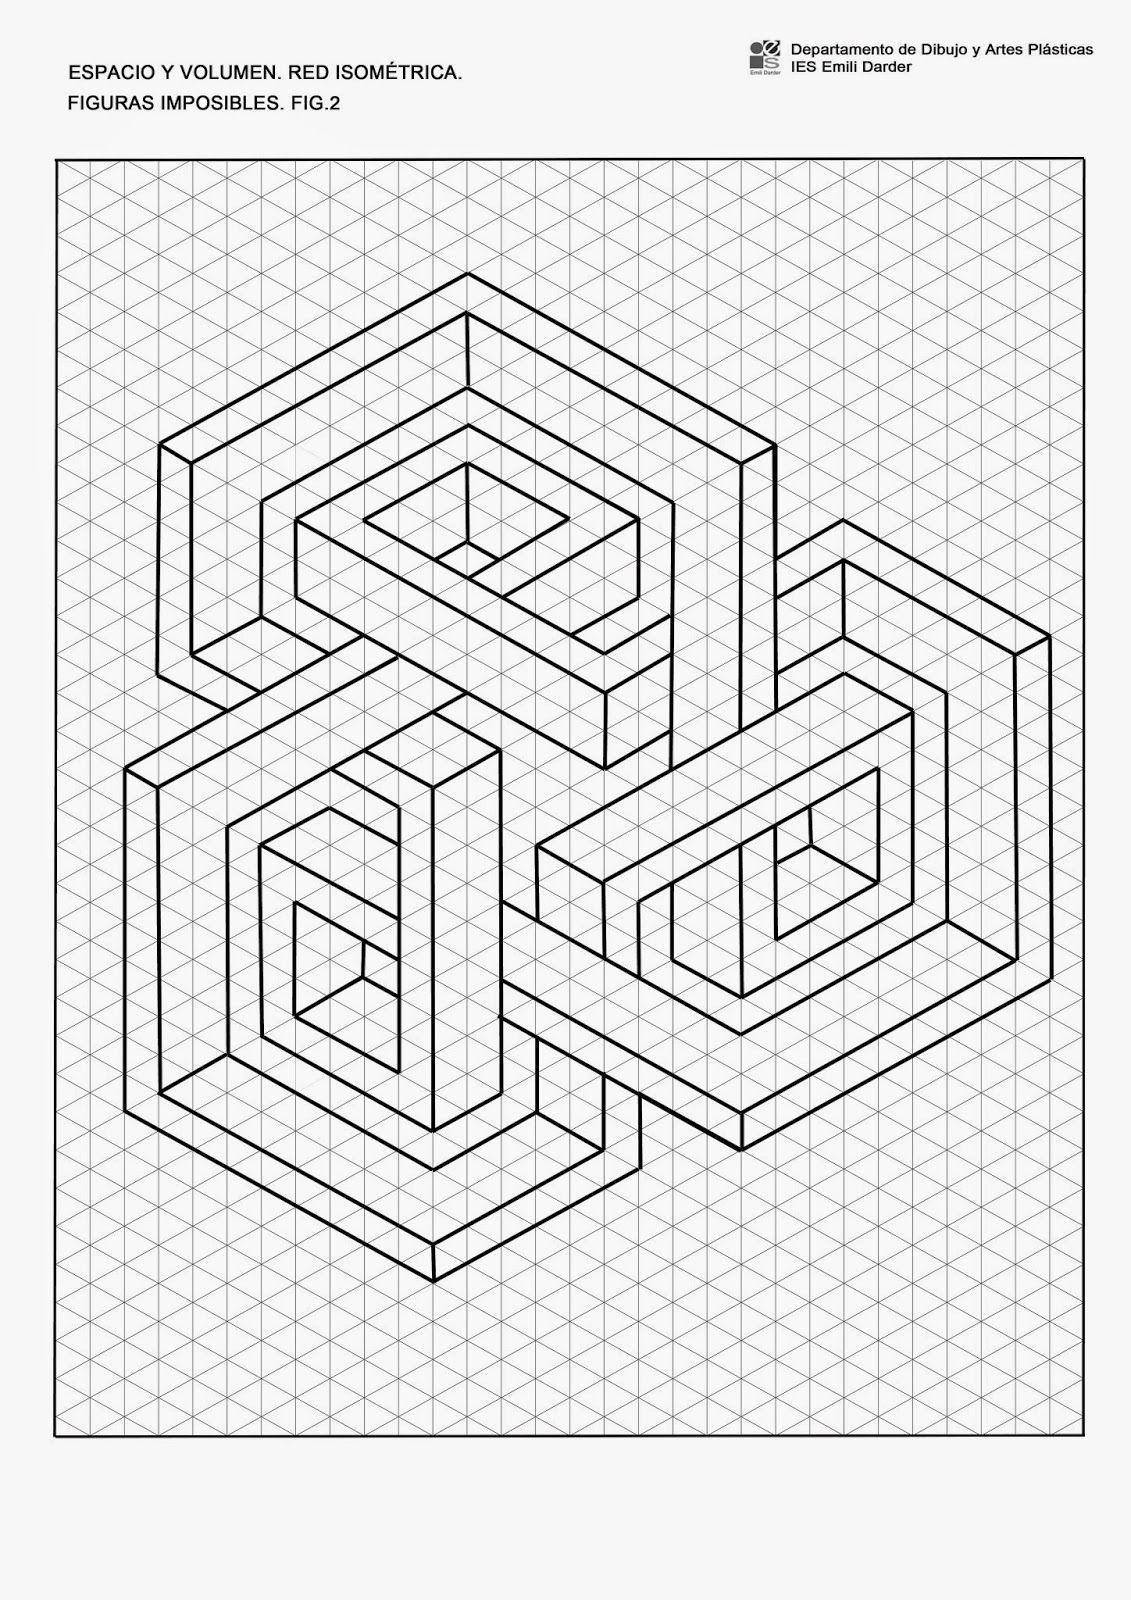 Resultado de imagen de formas geométricas imposibles